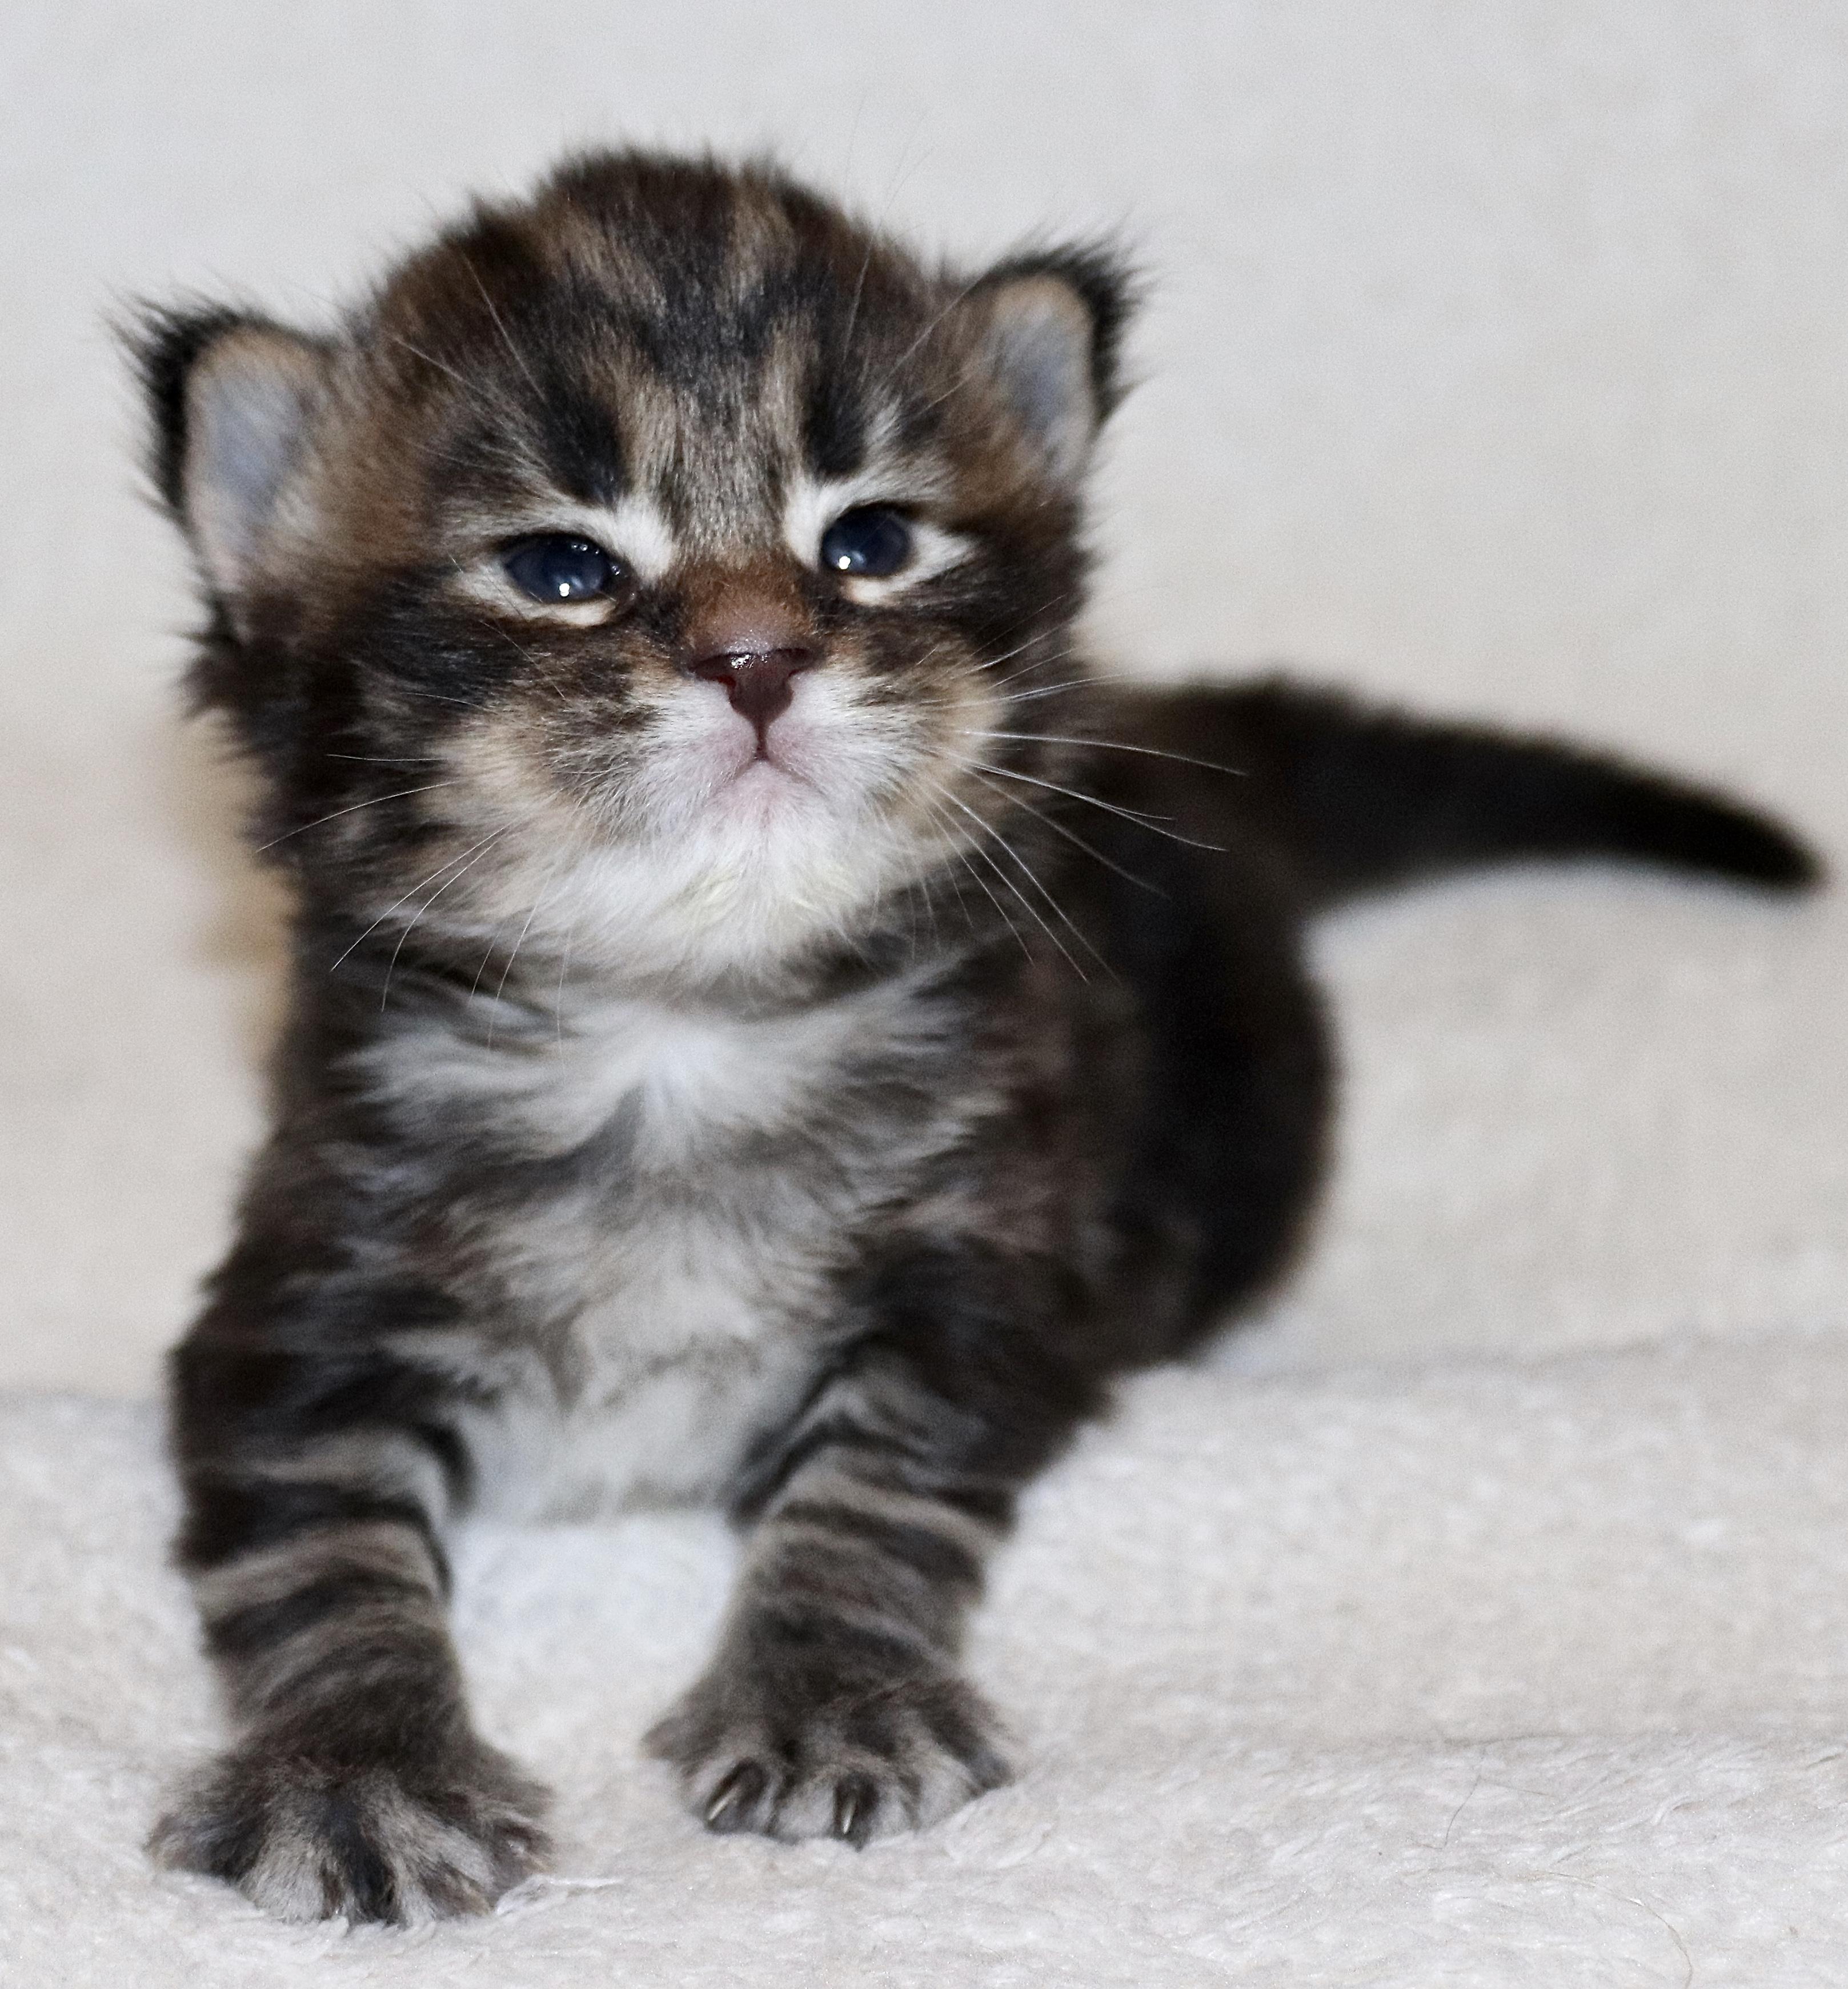 fotka kočky MERLIN VON ERILLIAN,CZ